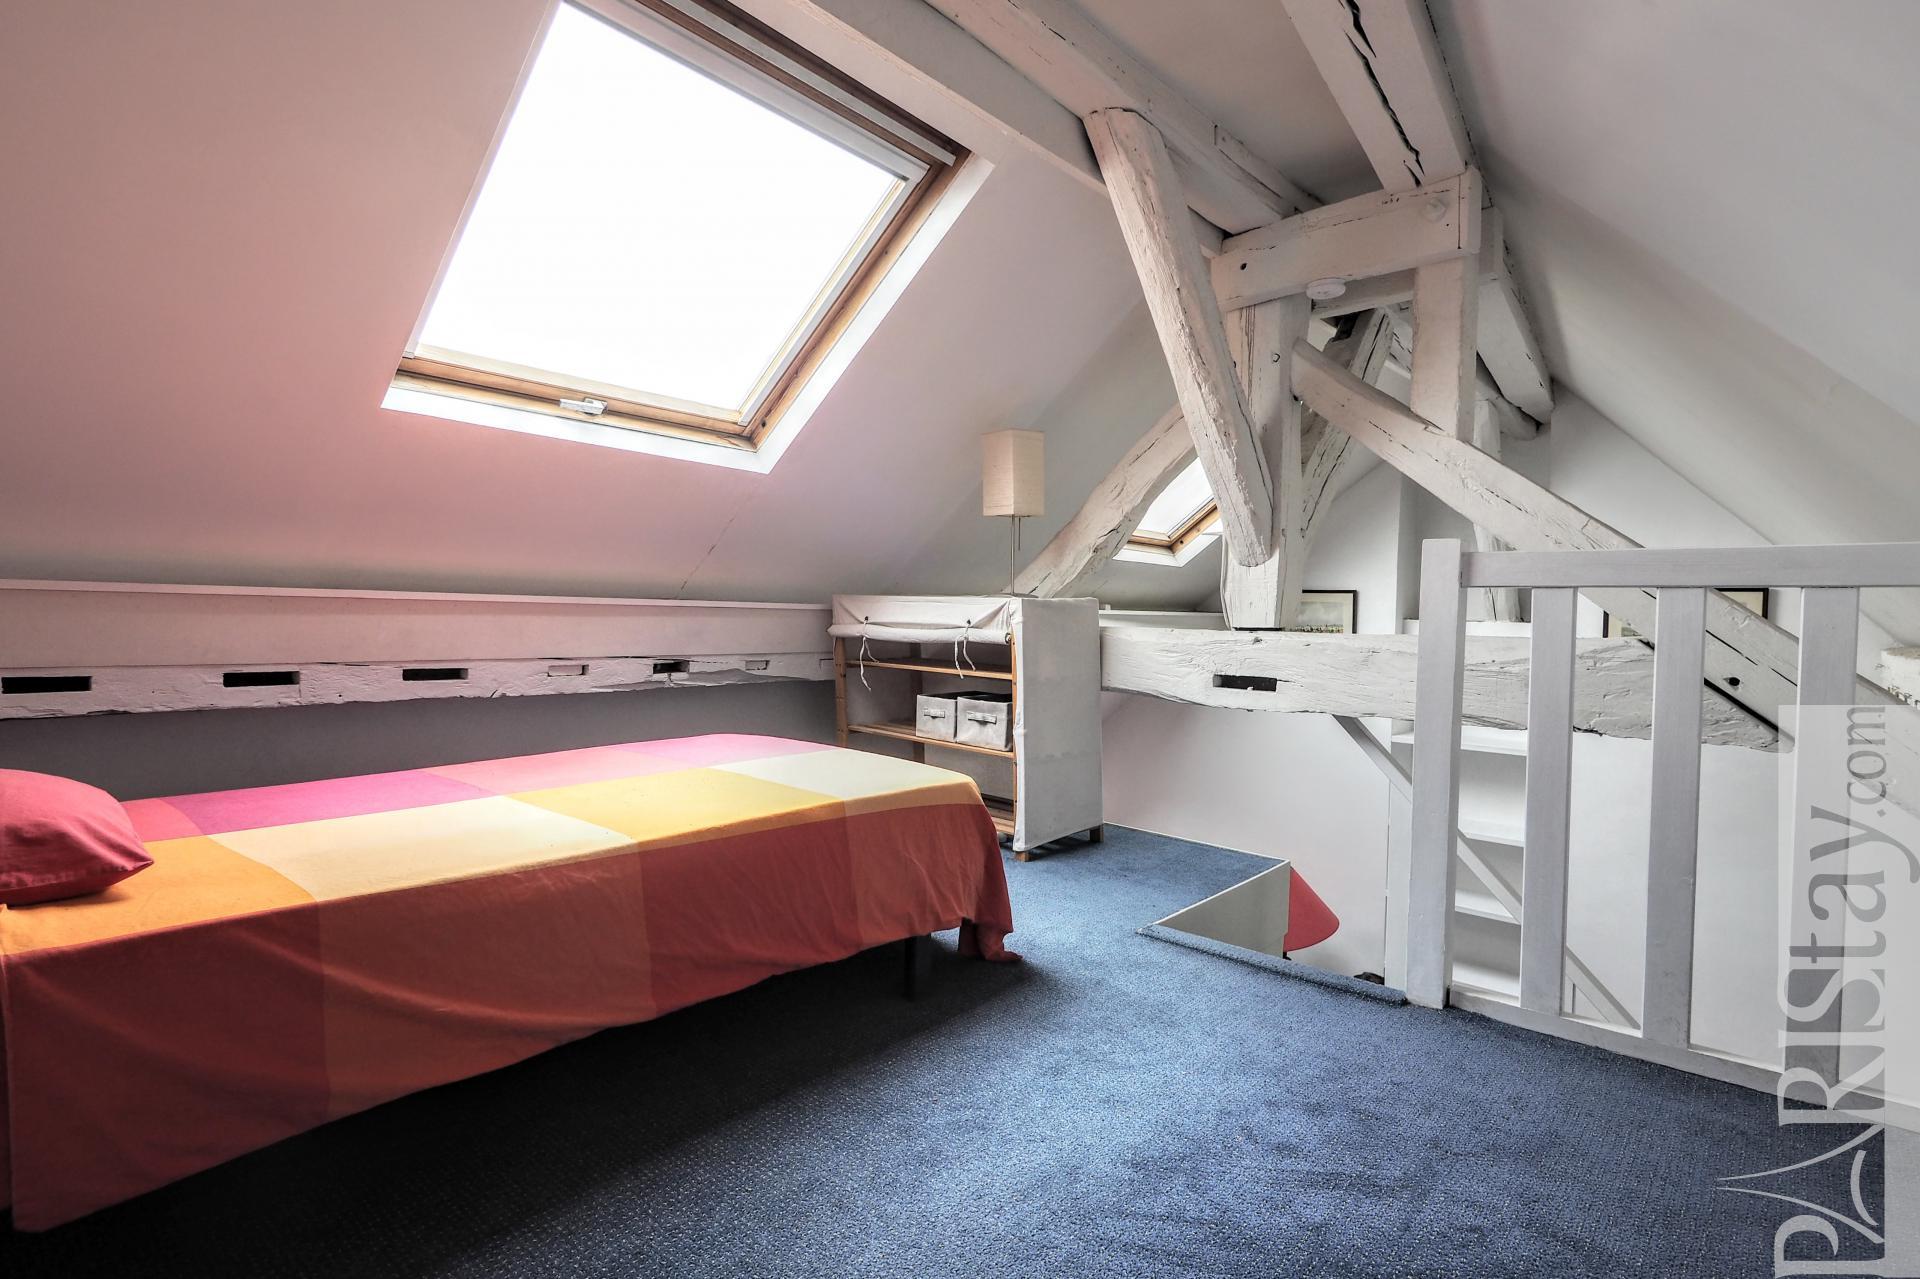 Chambre a coucher germain lariviere for Location de meuble paris